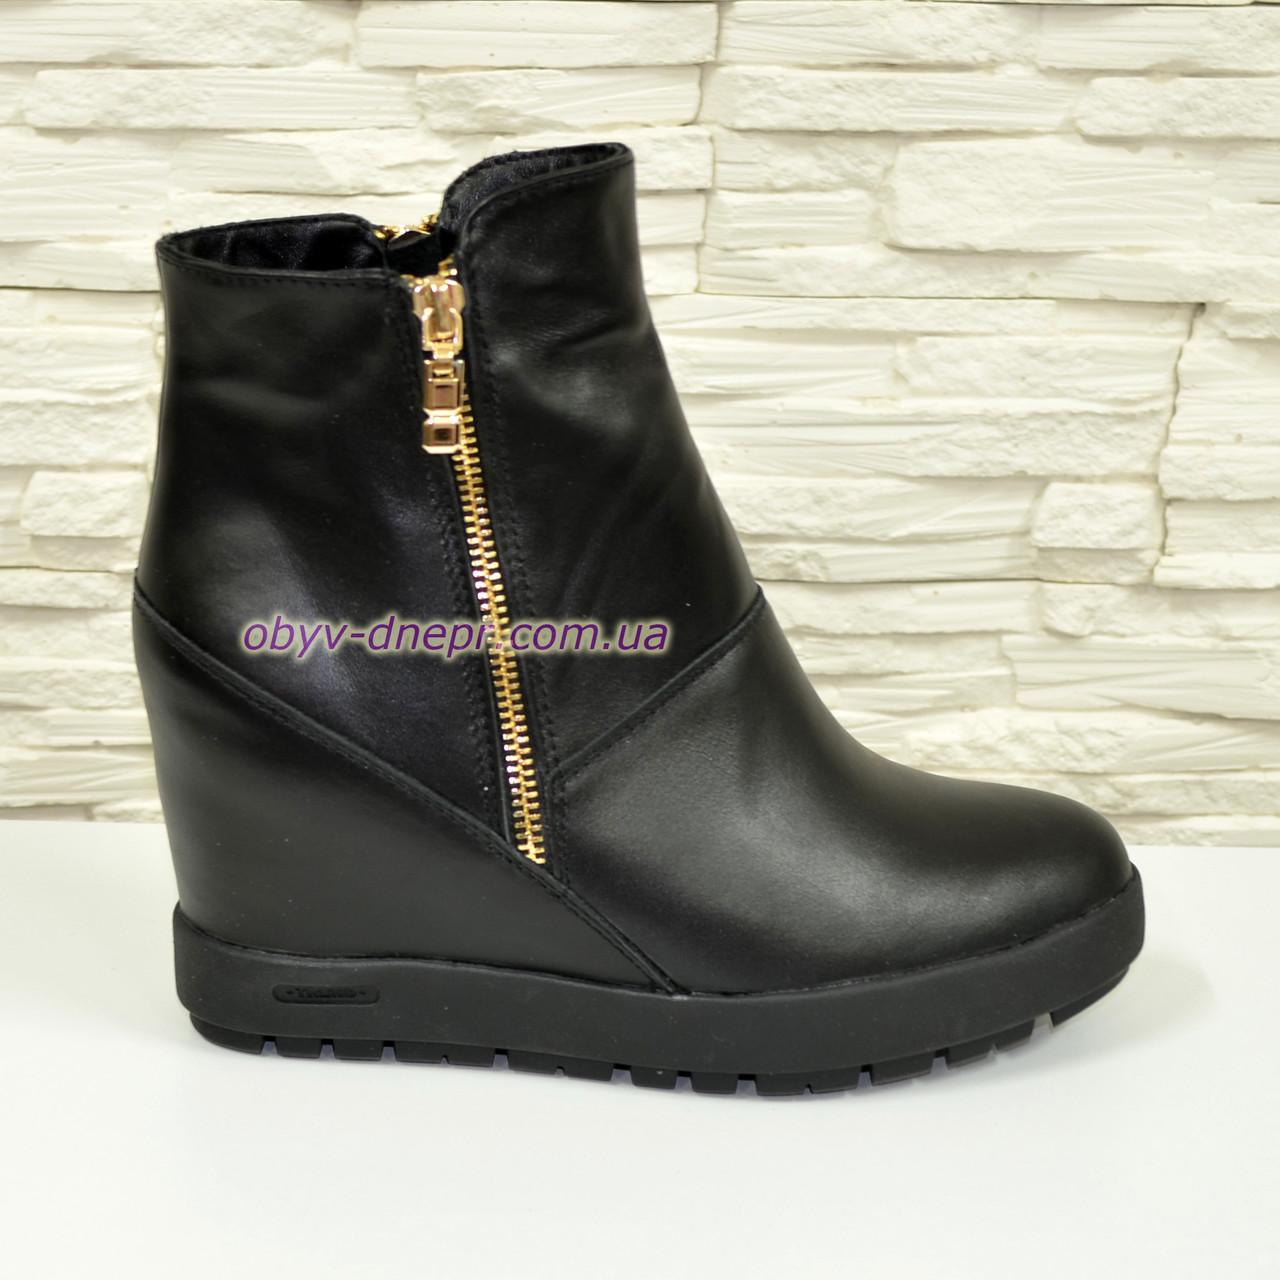 d83163d22232 Зимние кожаные женские ботинки на танкетке. 37 размер